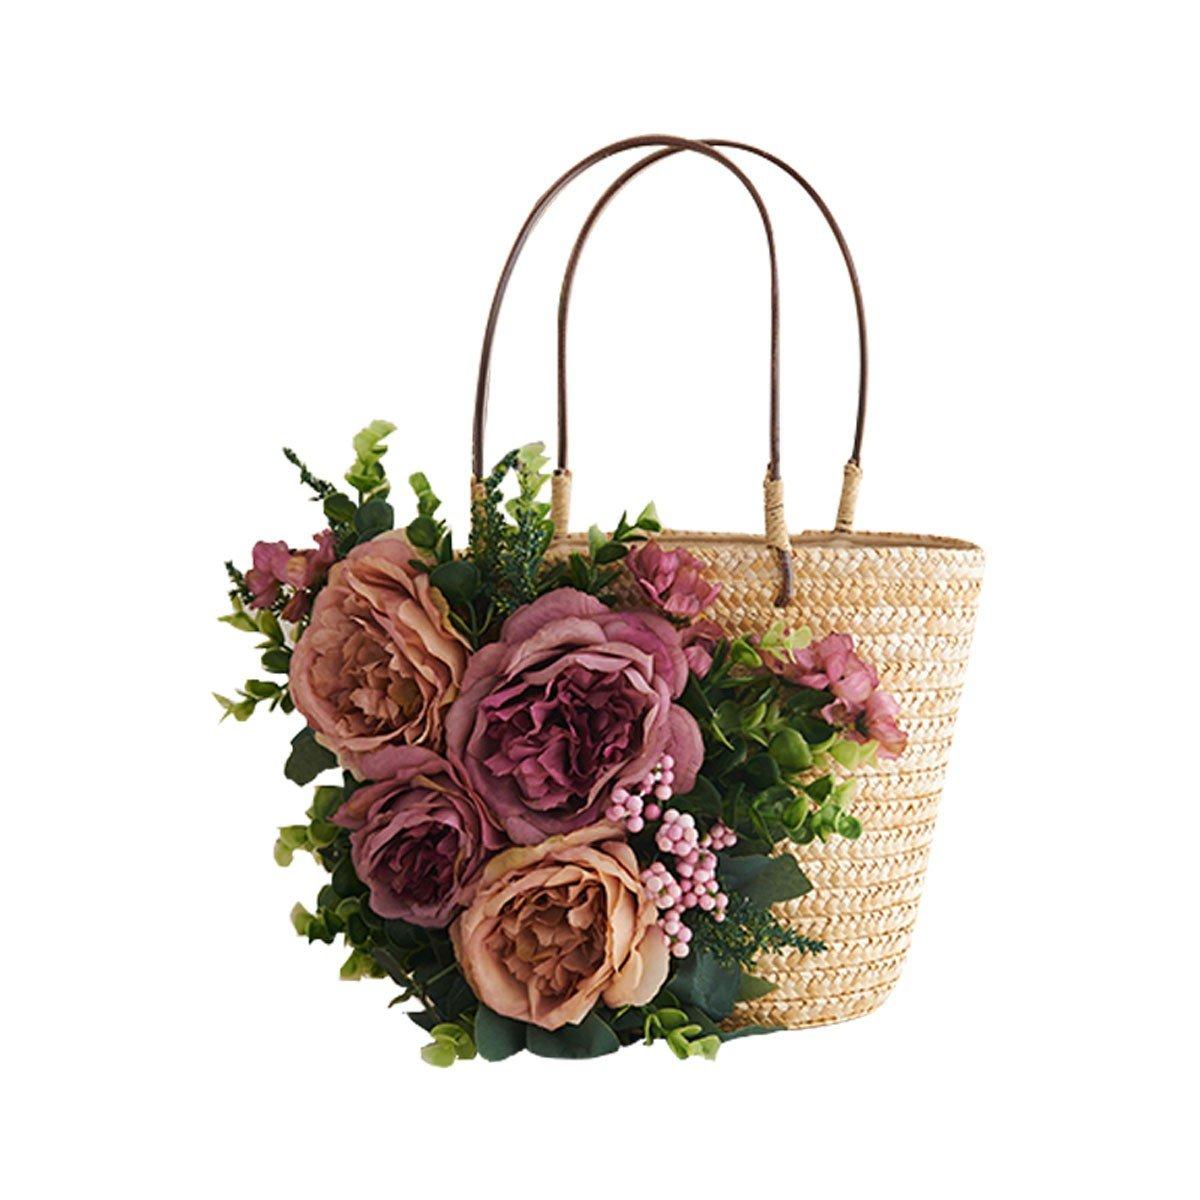 WFYJY-Blumen und Stroh Gewebte Taschen Beach-Taschen Stroh Taschen Rattan Gewebt Taschen handgenähte Taschen Modische Frauen Taschen.